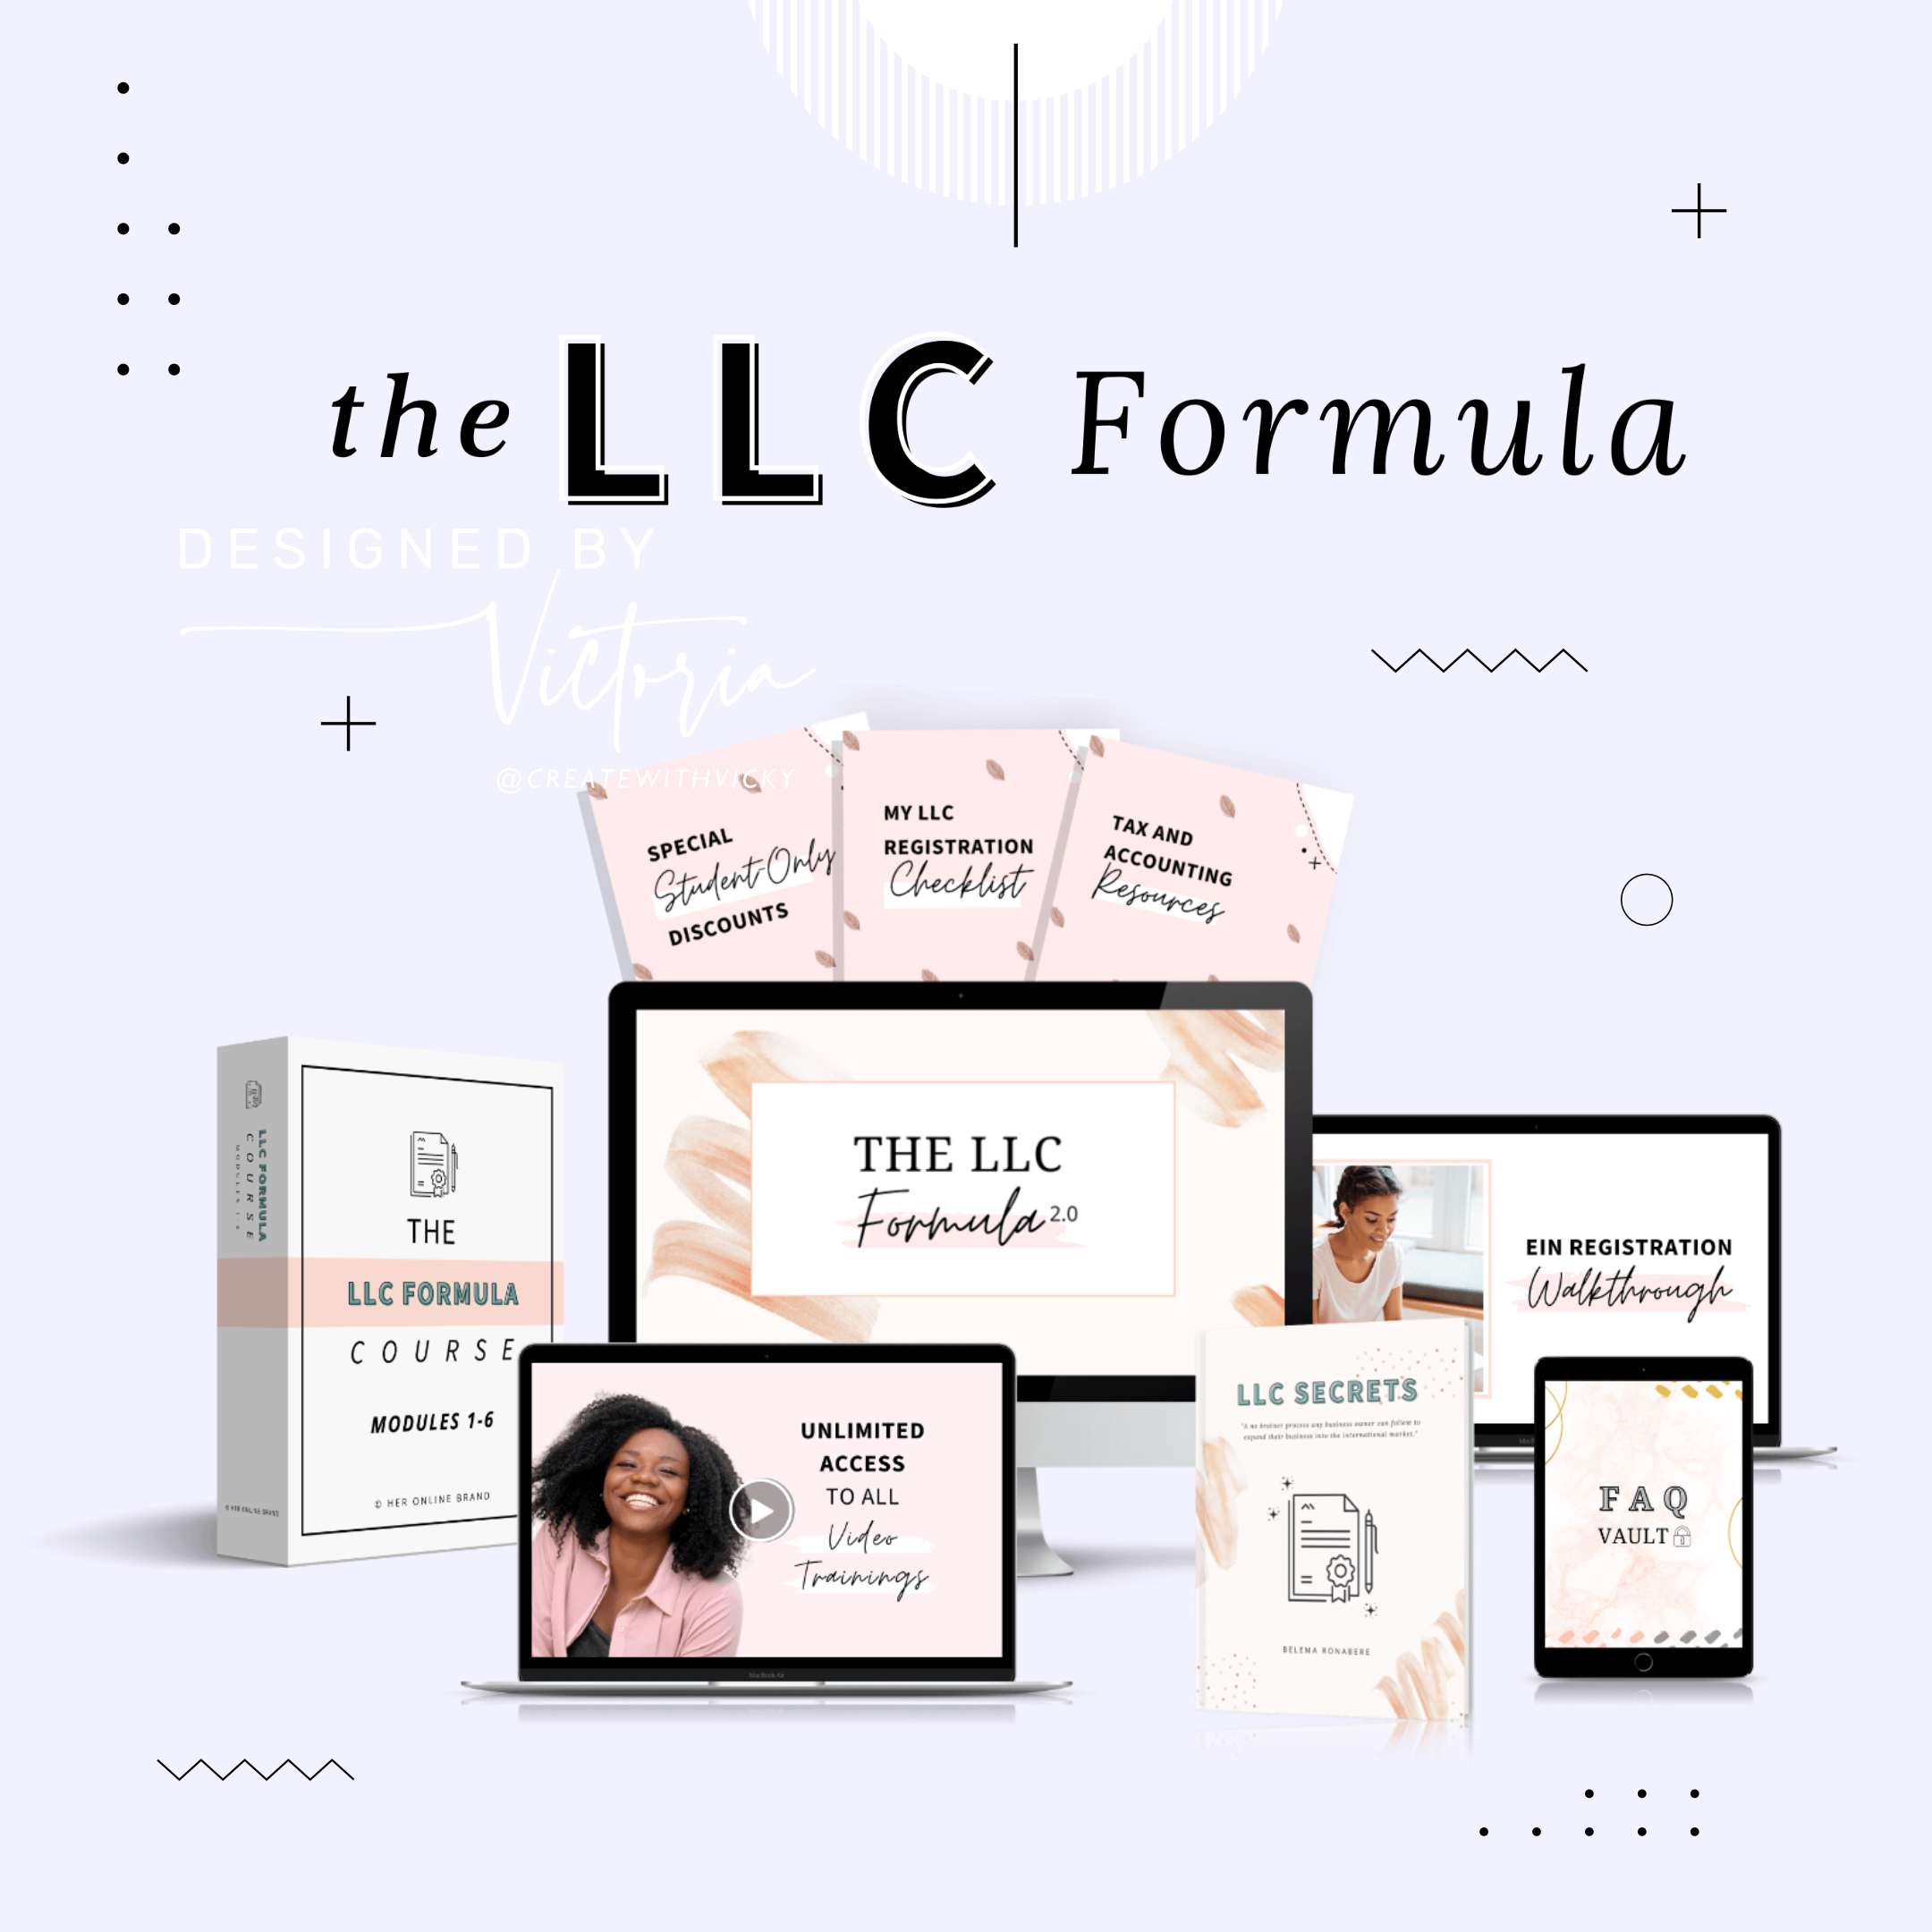 LLC Formula Launch Mockup